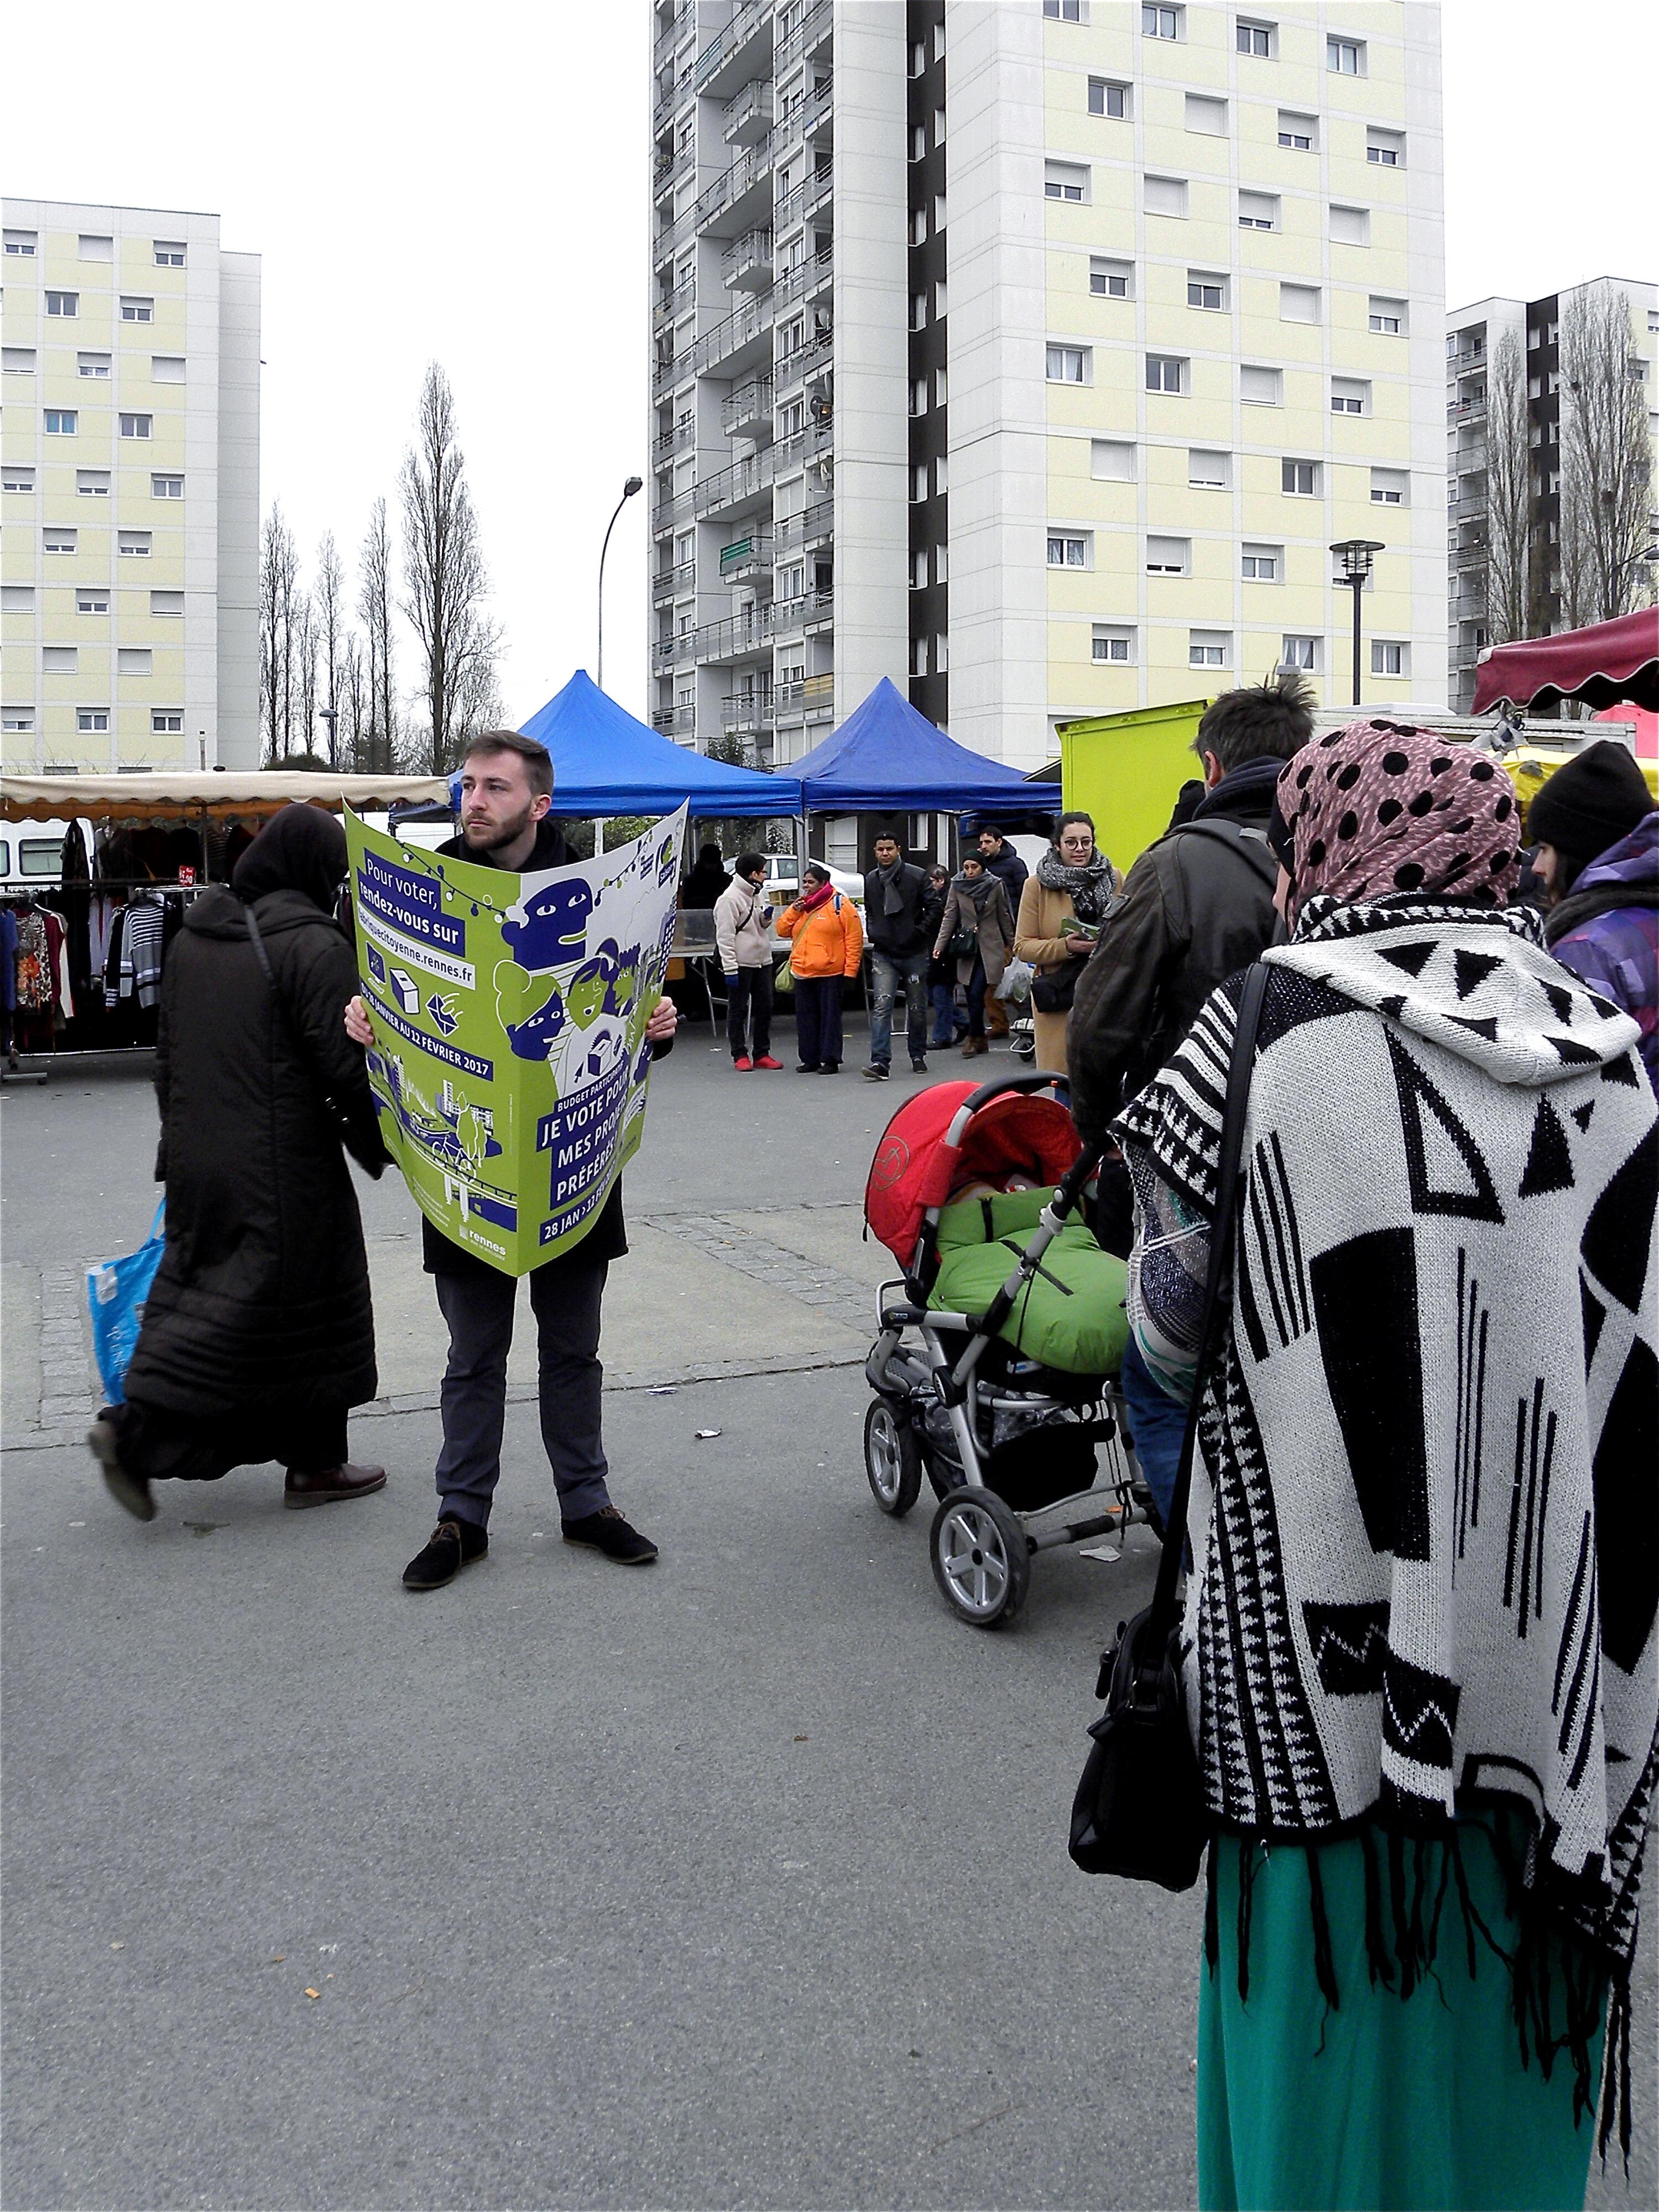 VILLE DE RENNES – BUDGET PARTICIPATIF 2017